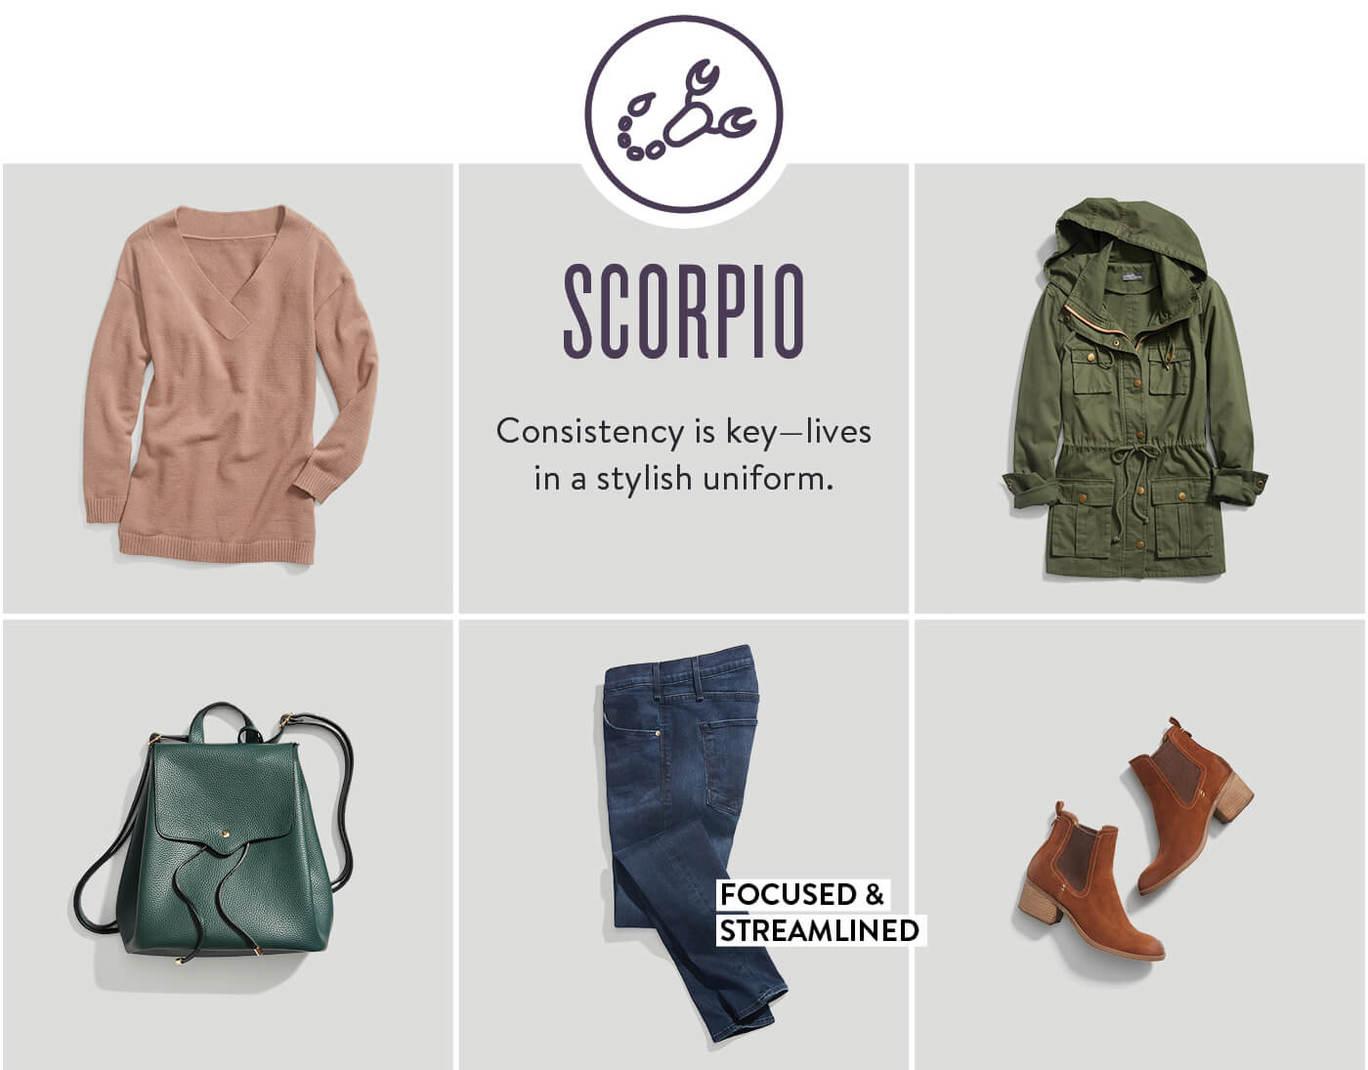 Scorpio: